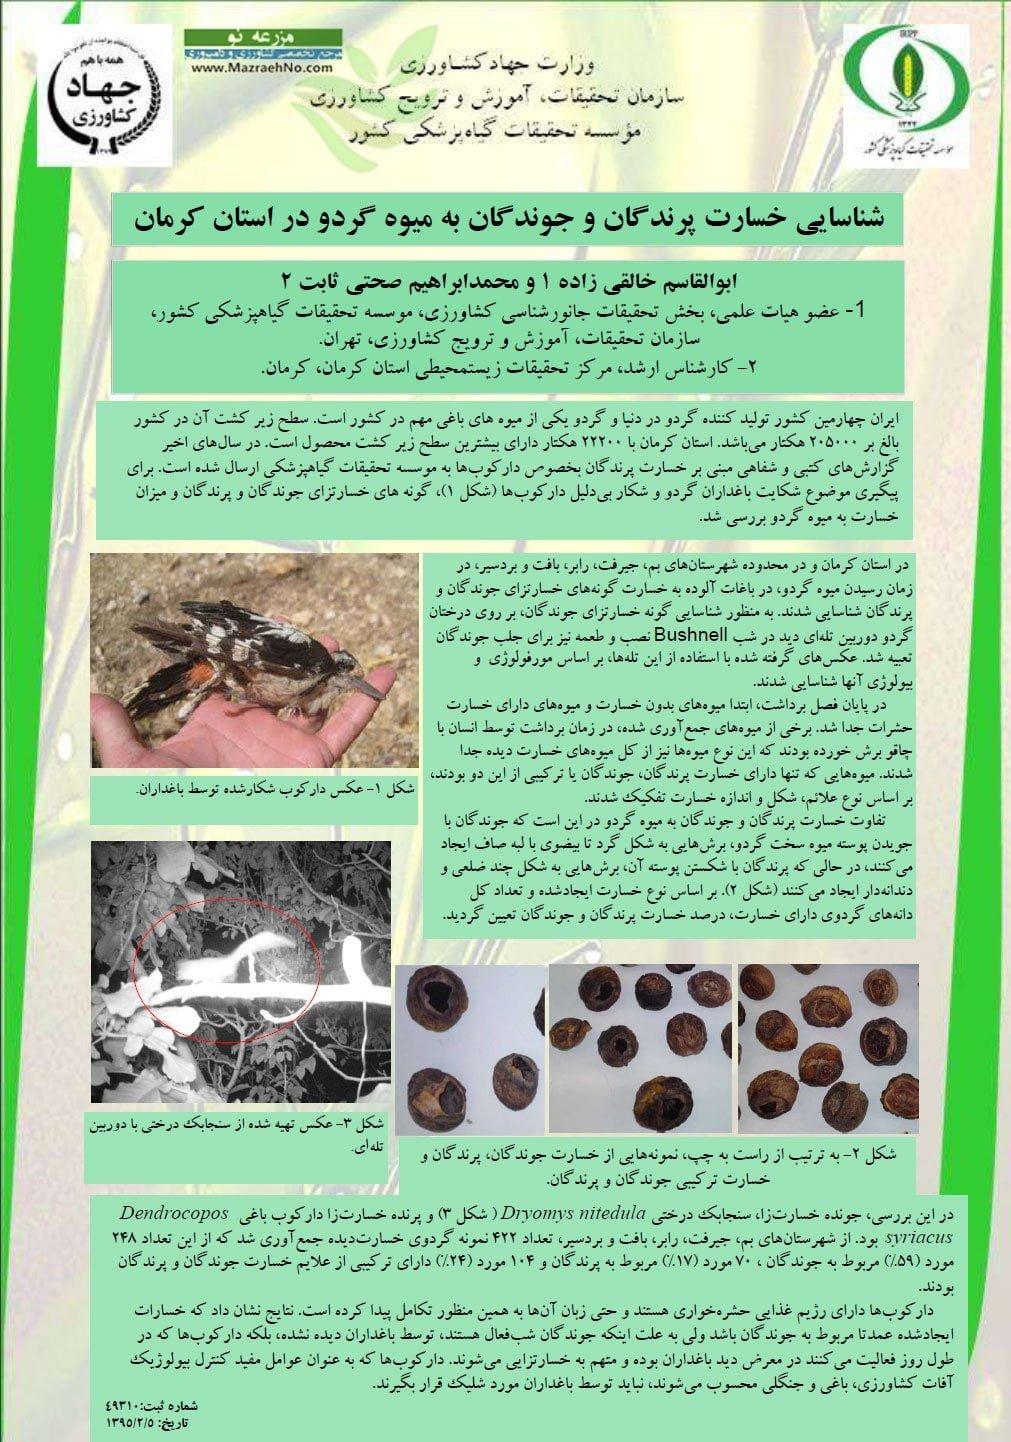 شناسایی خسارت پرندگان و جوندگان به میوه گردو در استان کرمان